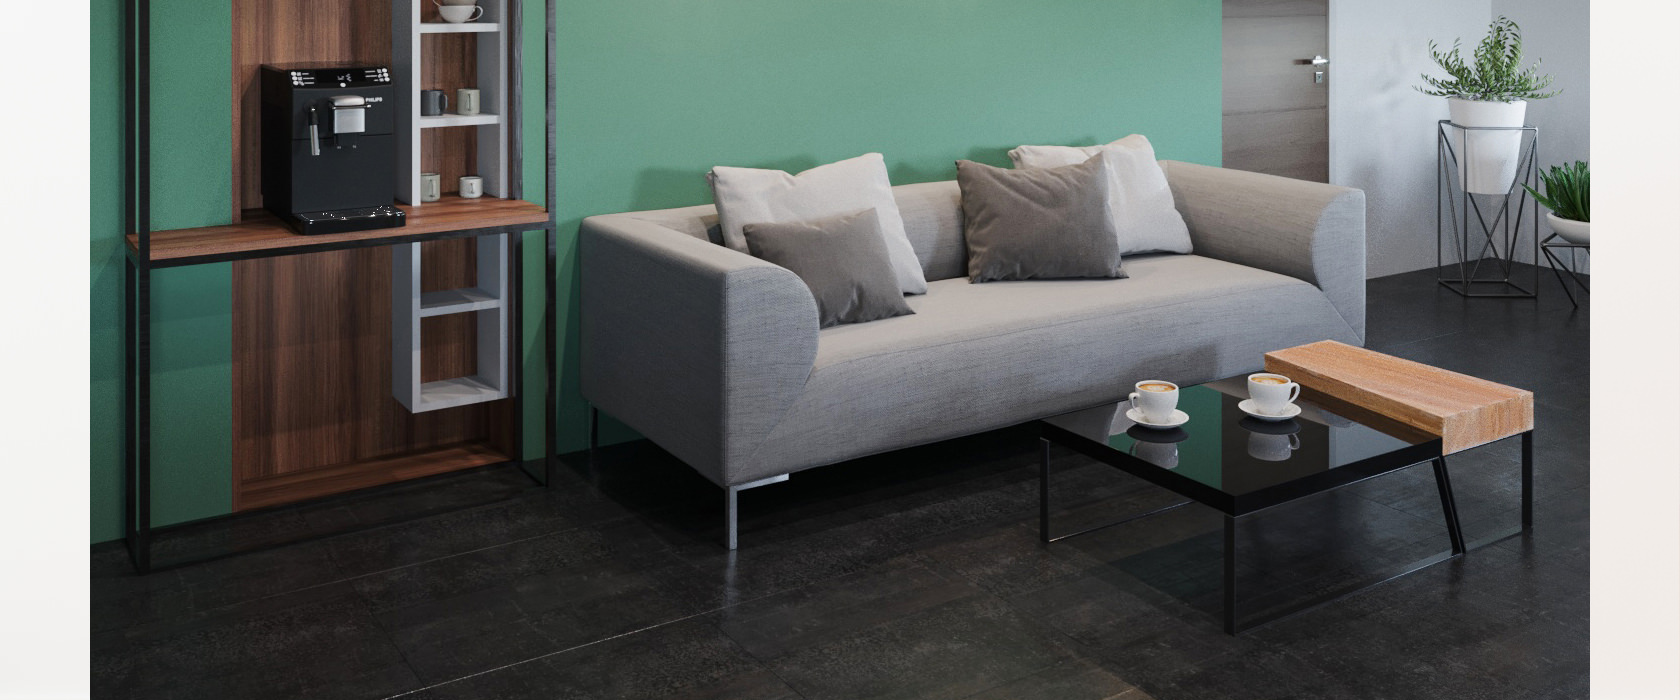 Трехместный диван Fernando - Фото 2 - Pufetto